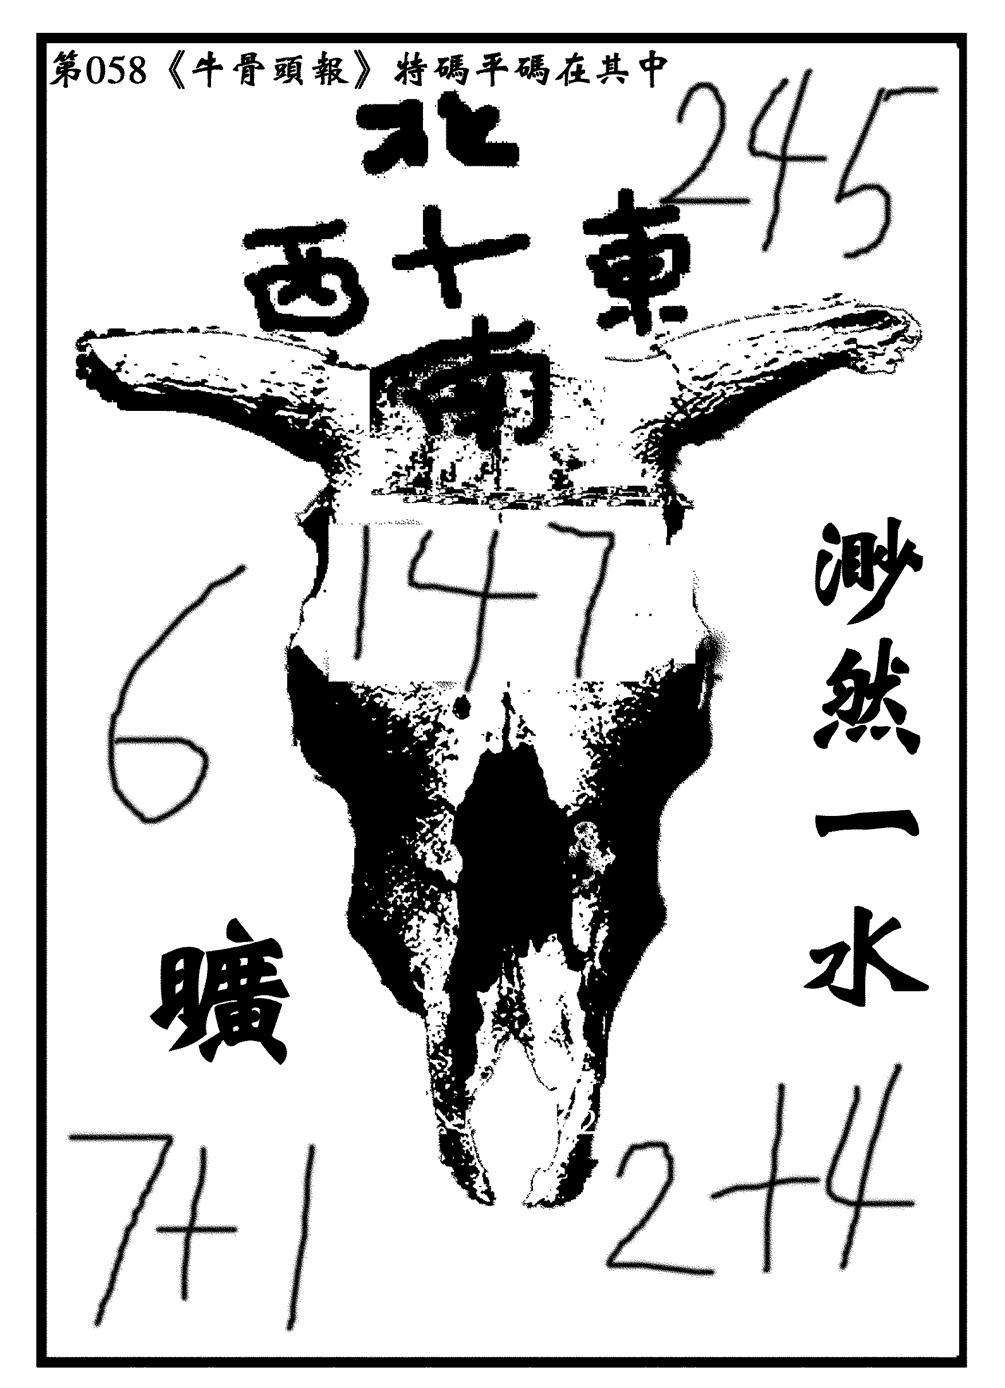 058期牛头报(黑白)